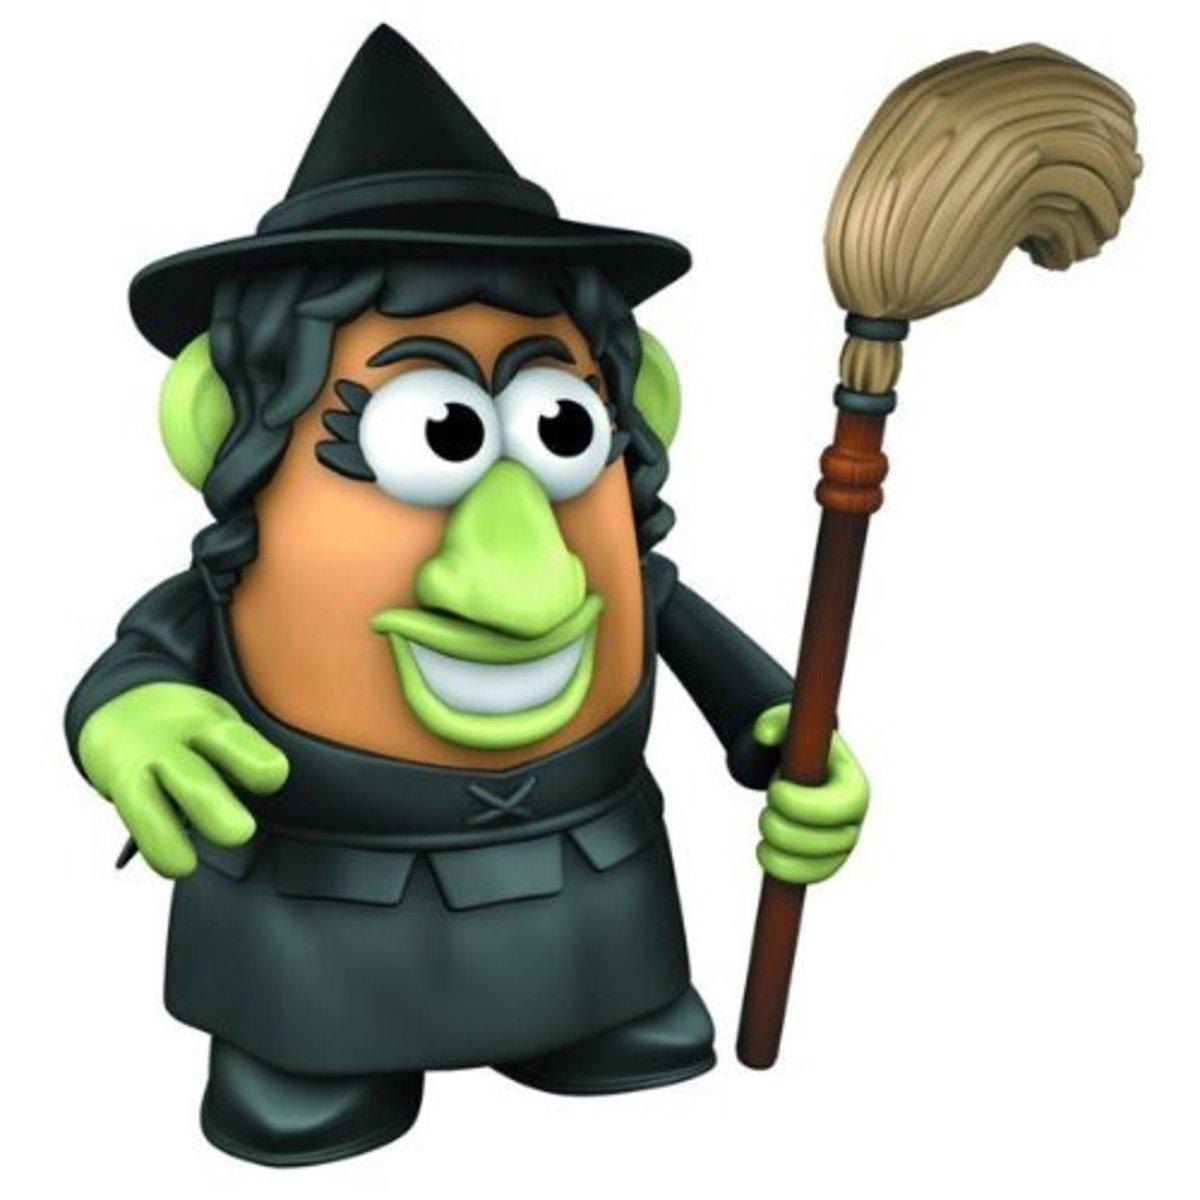 The Wizard of Oz Wicked Witch Mrs. Potato Head